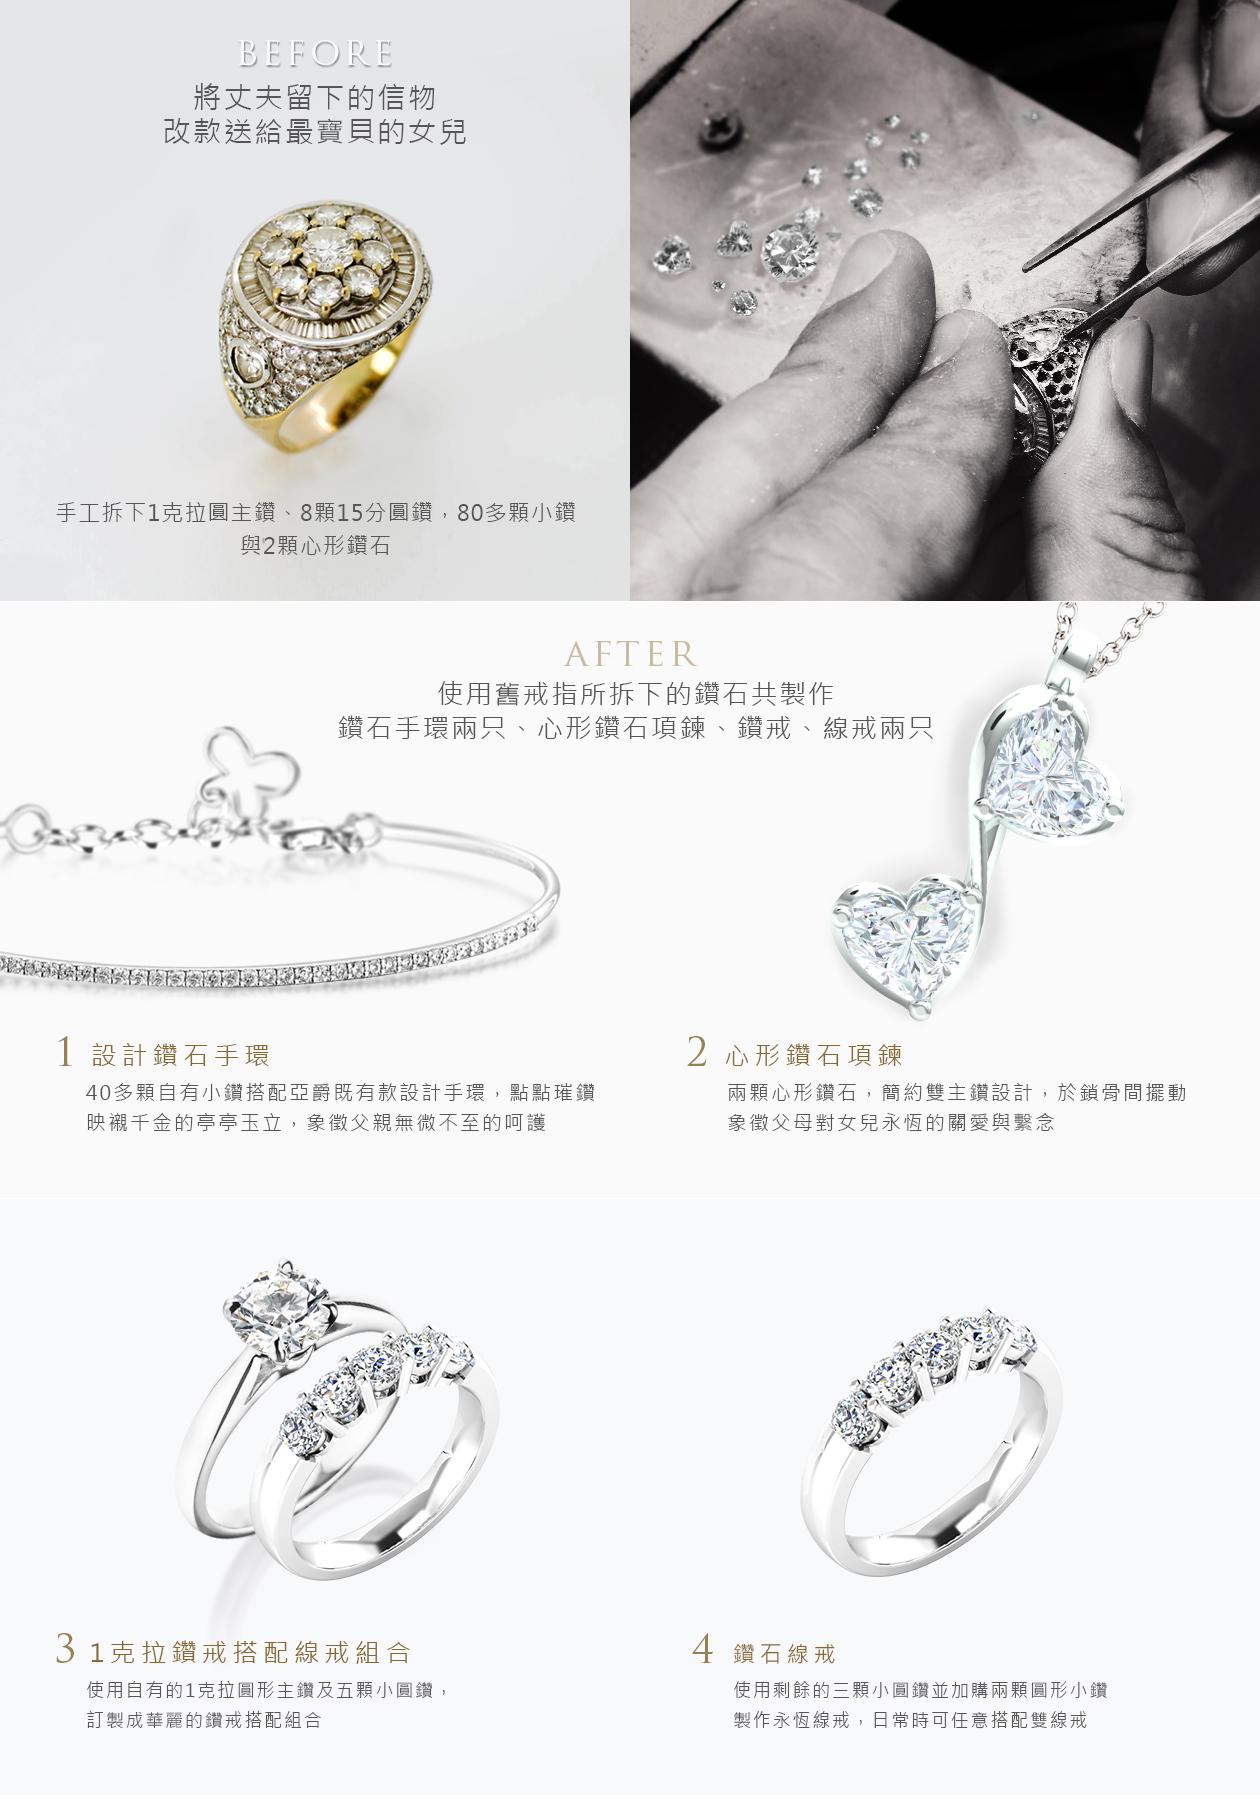 舊換新舊鑽戒改款式成:鑽石手環,鑽石項鍊,鉑金經典四爪鑽戒,永恆線戒